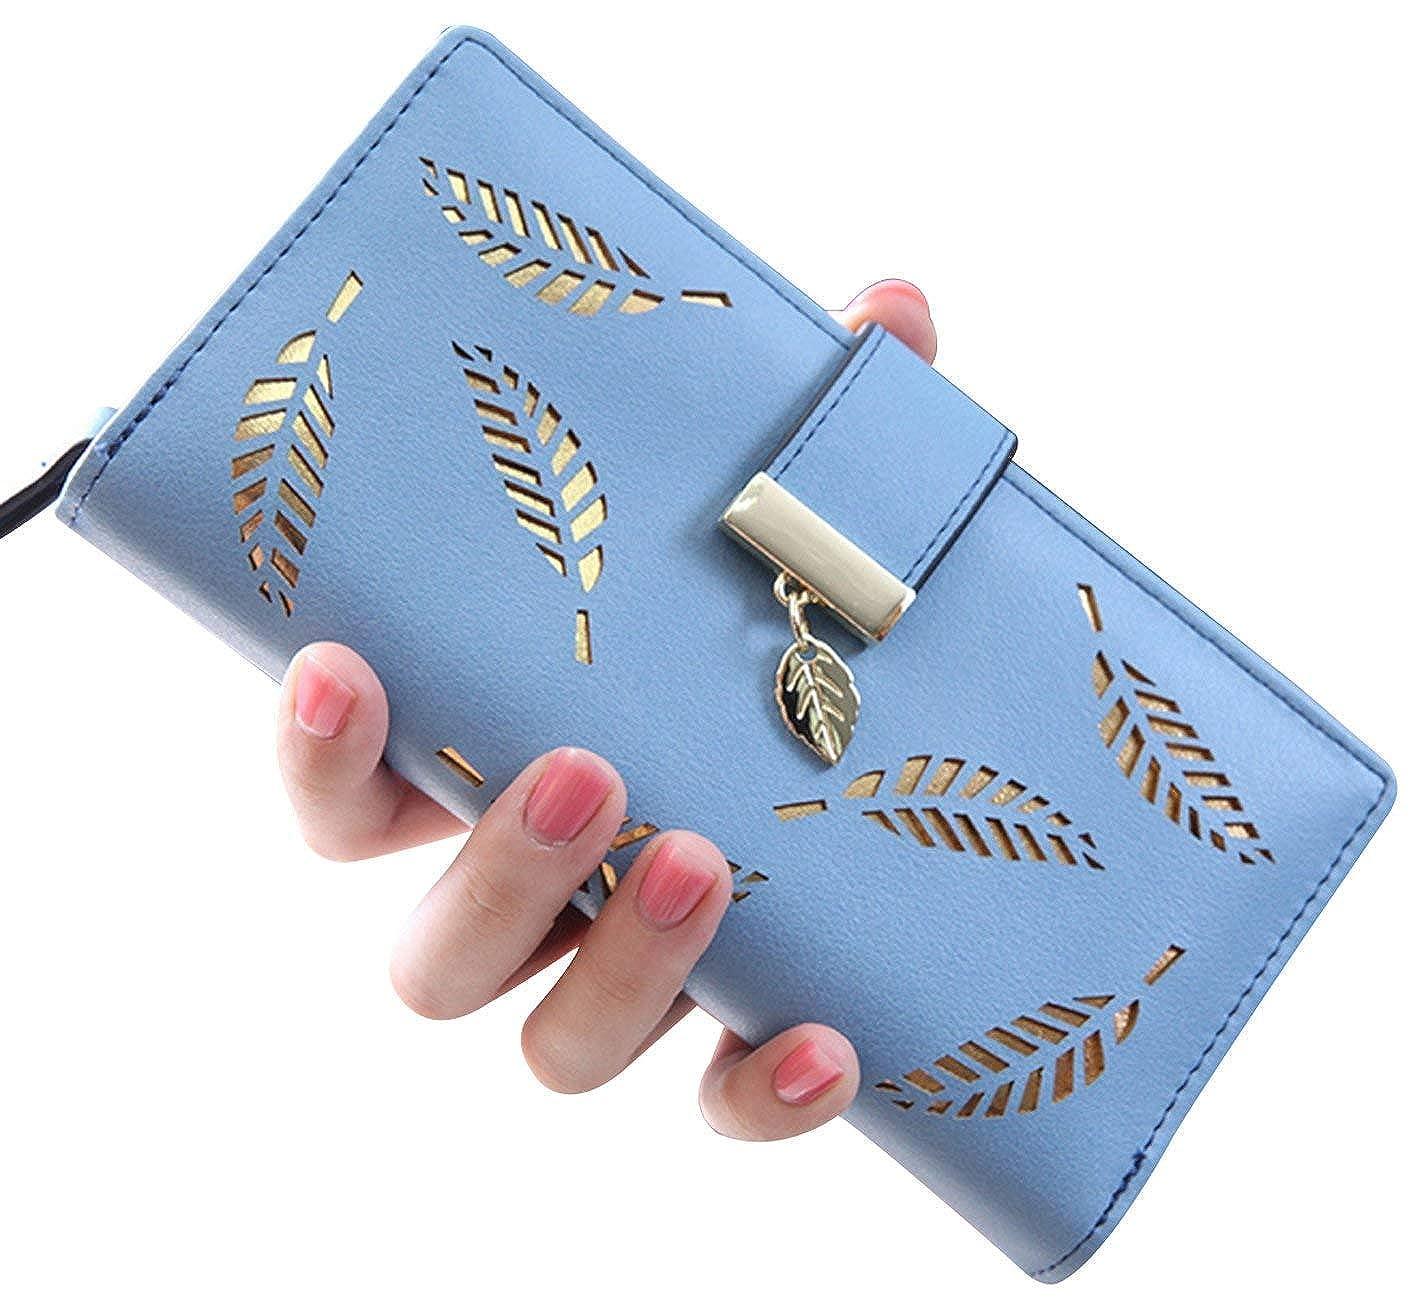 Damen weibliche Portemonnaie Hohle Goldblatt Geldbeutel Große Kapazität Wallet Honeststar HS-LadyLeafwallet-Blue